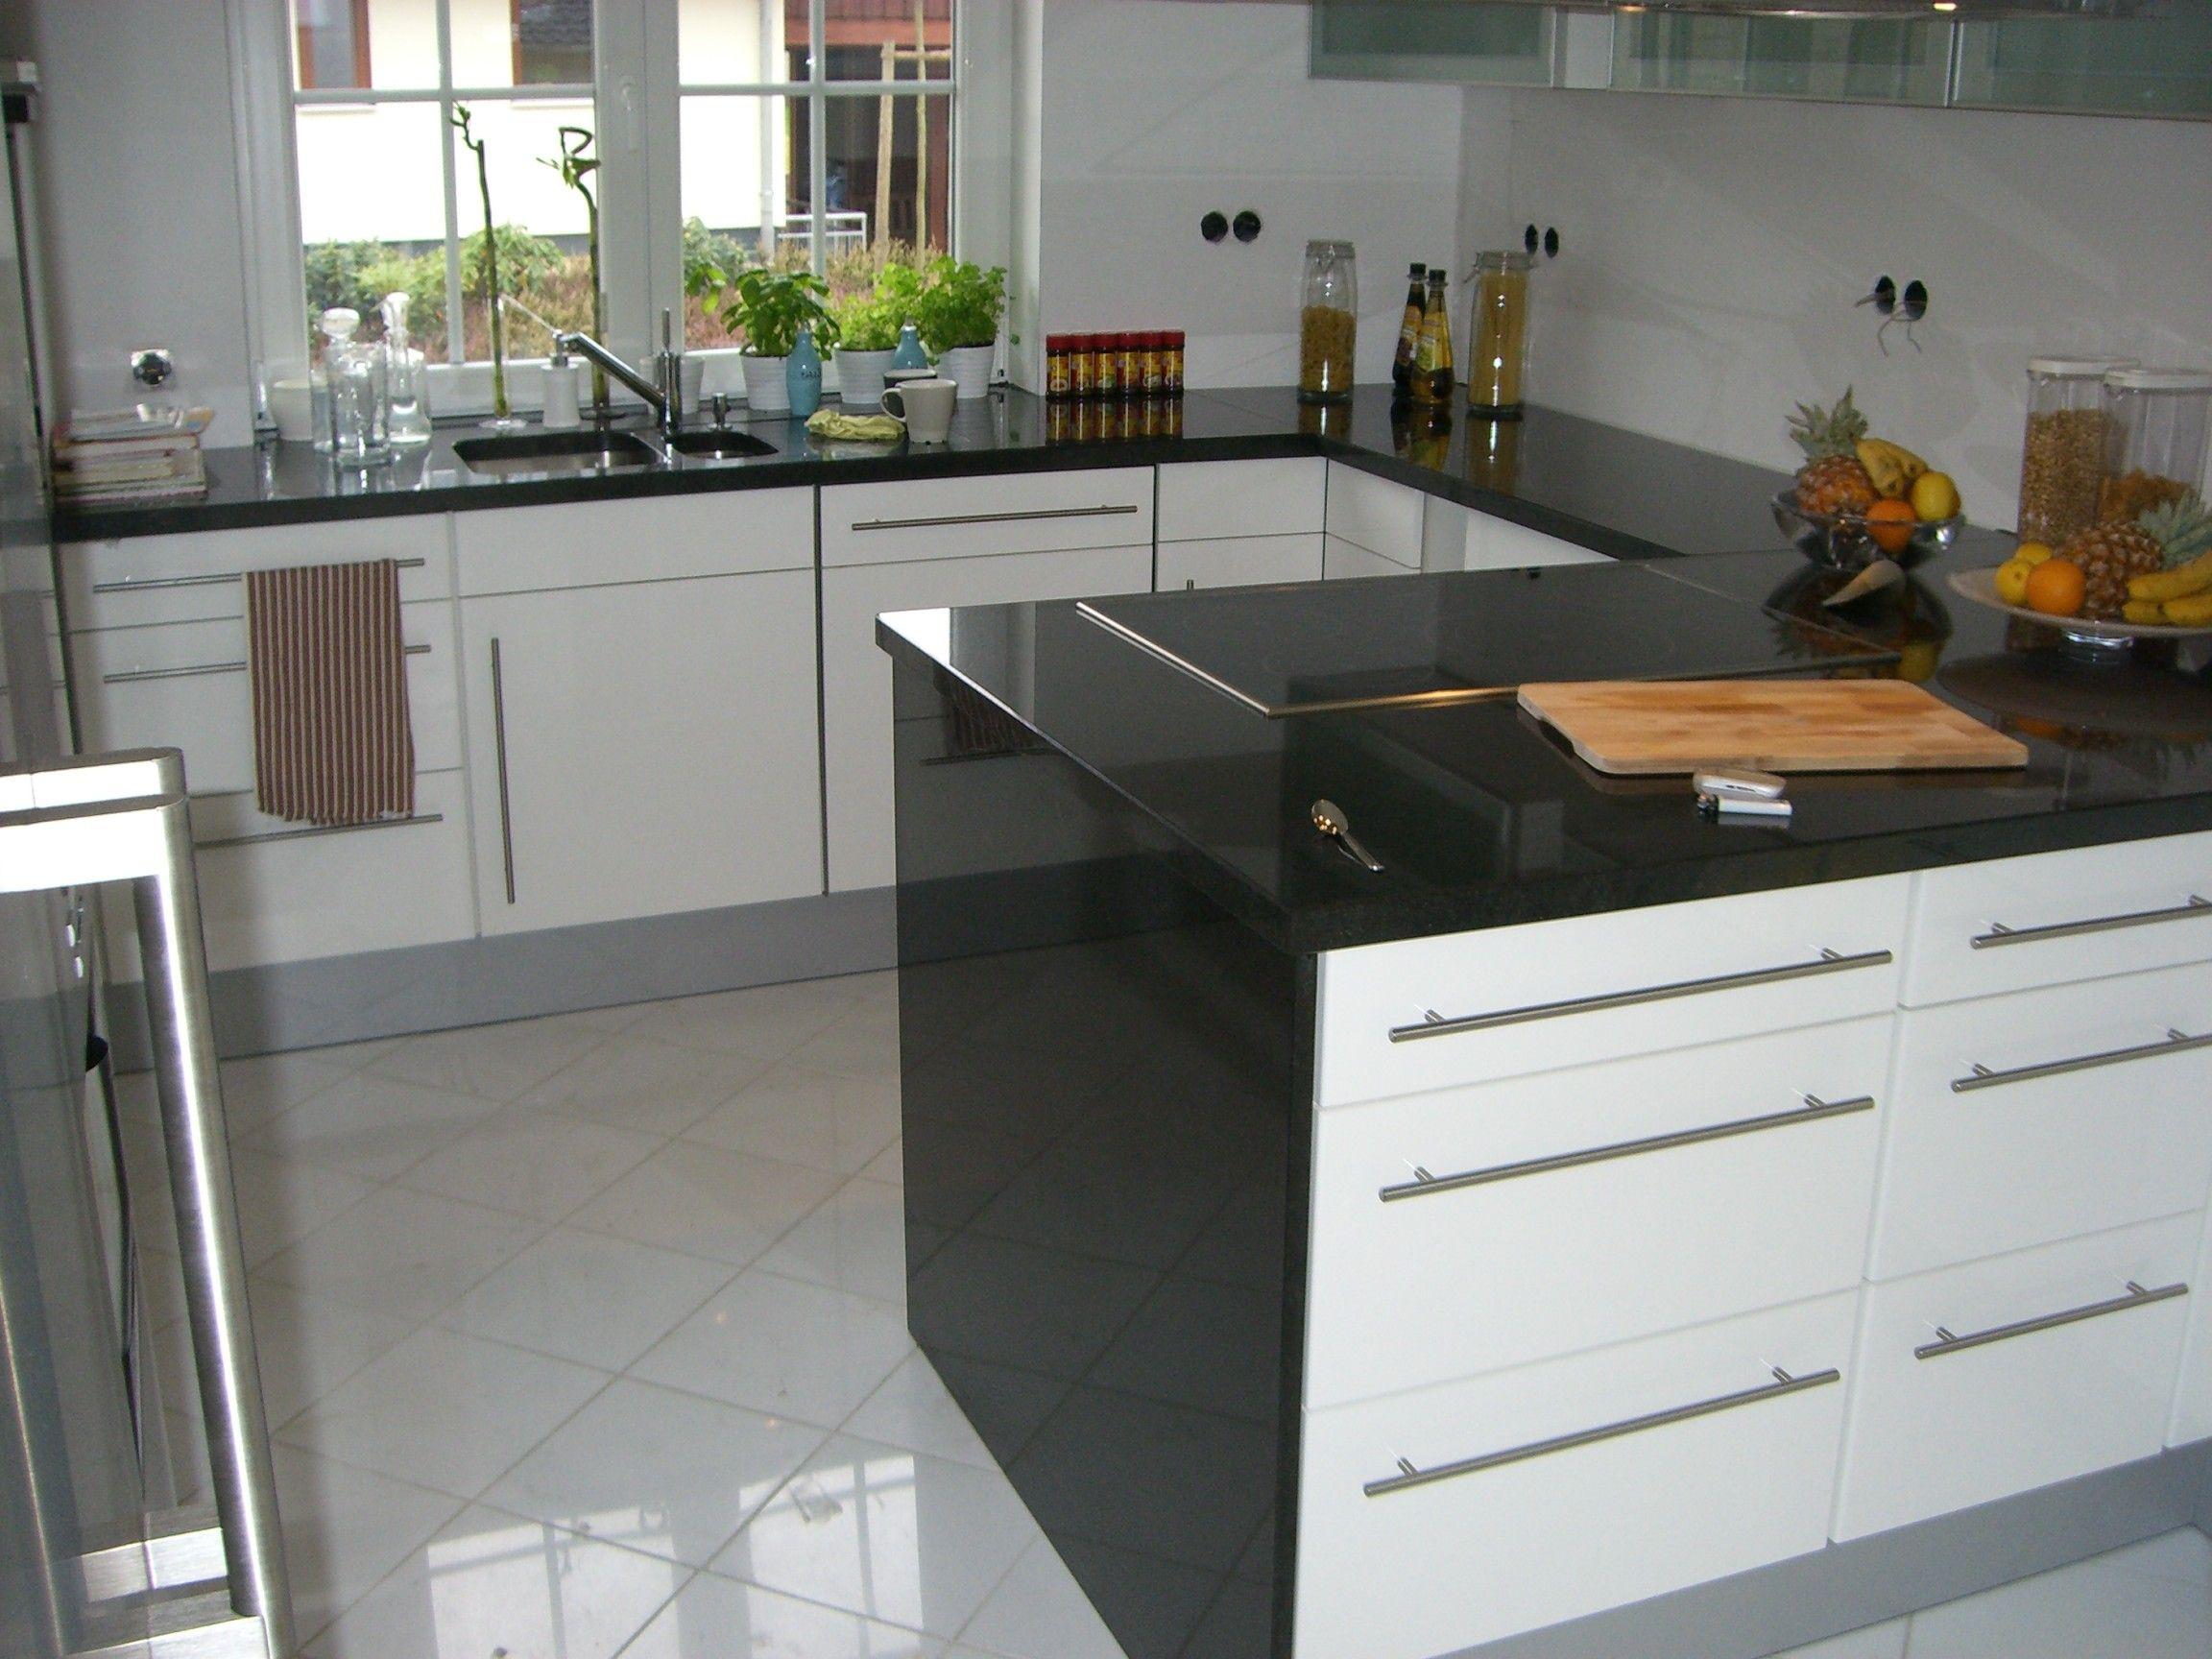 Lila Haus Brauch Und Emejing Kuche Weiss Arbeitsplatte Holz House Design Kuche Hochglanz Grau Home Decor Kitchen House Design